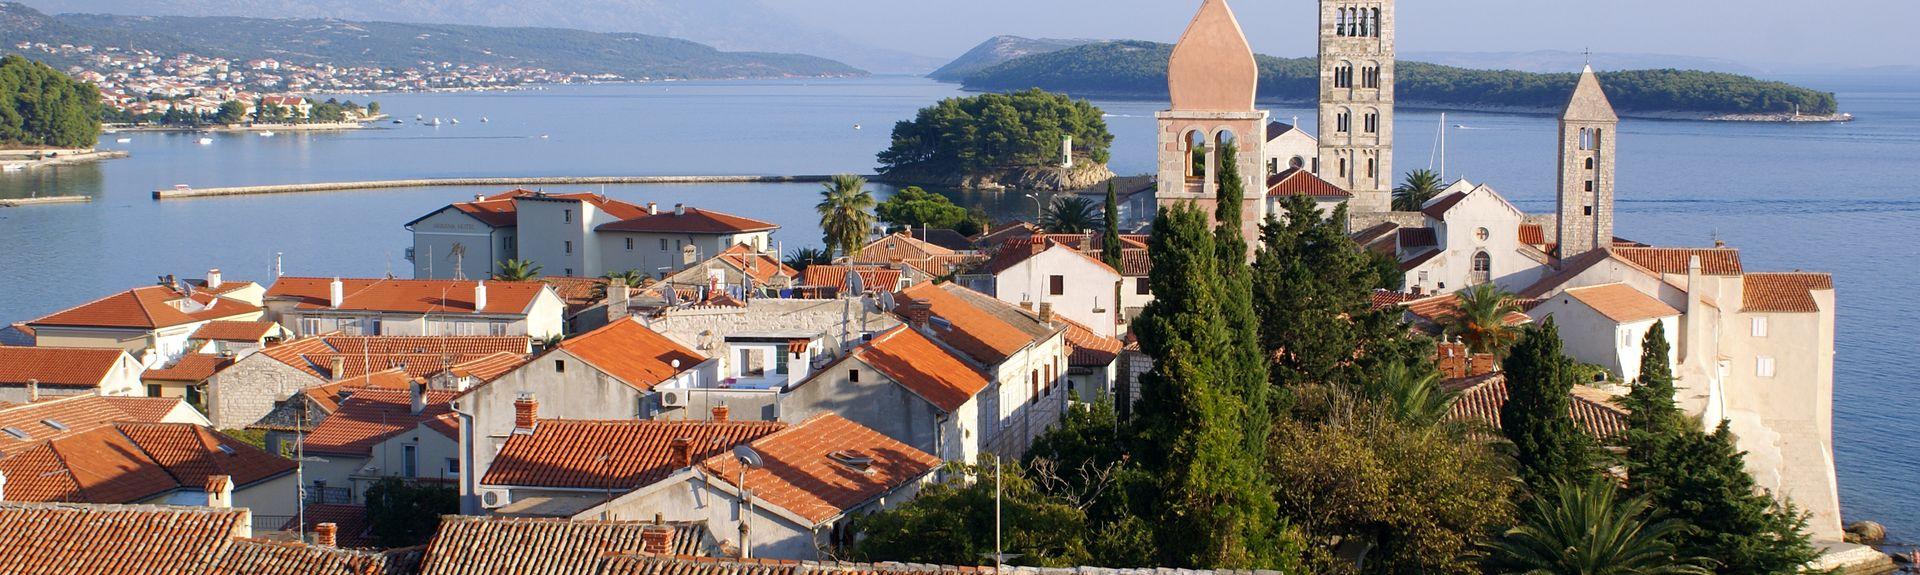 Insel Rab, Primorje-Gorski Kotar, Kroatien